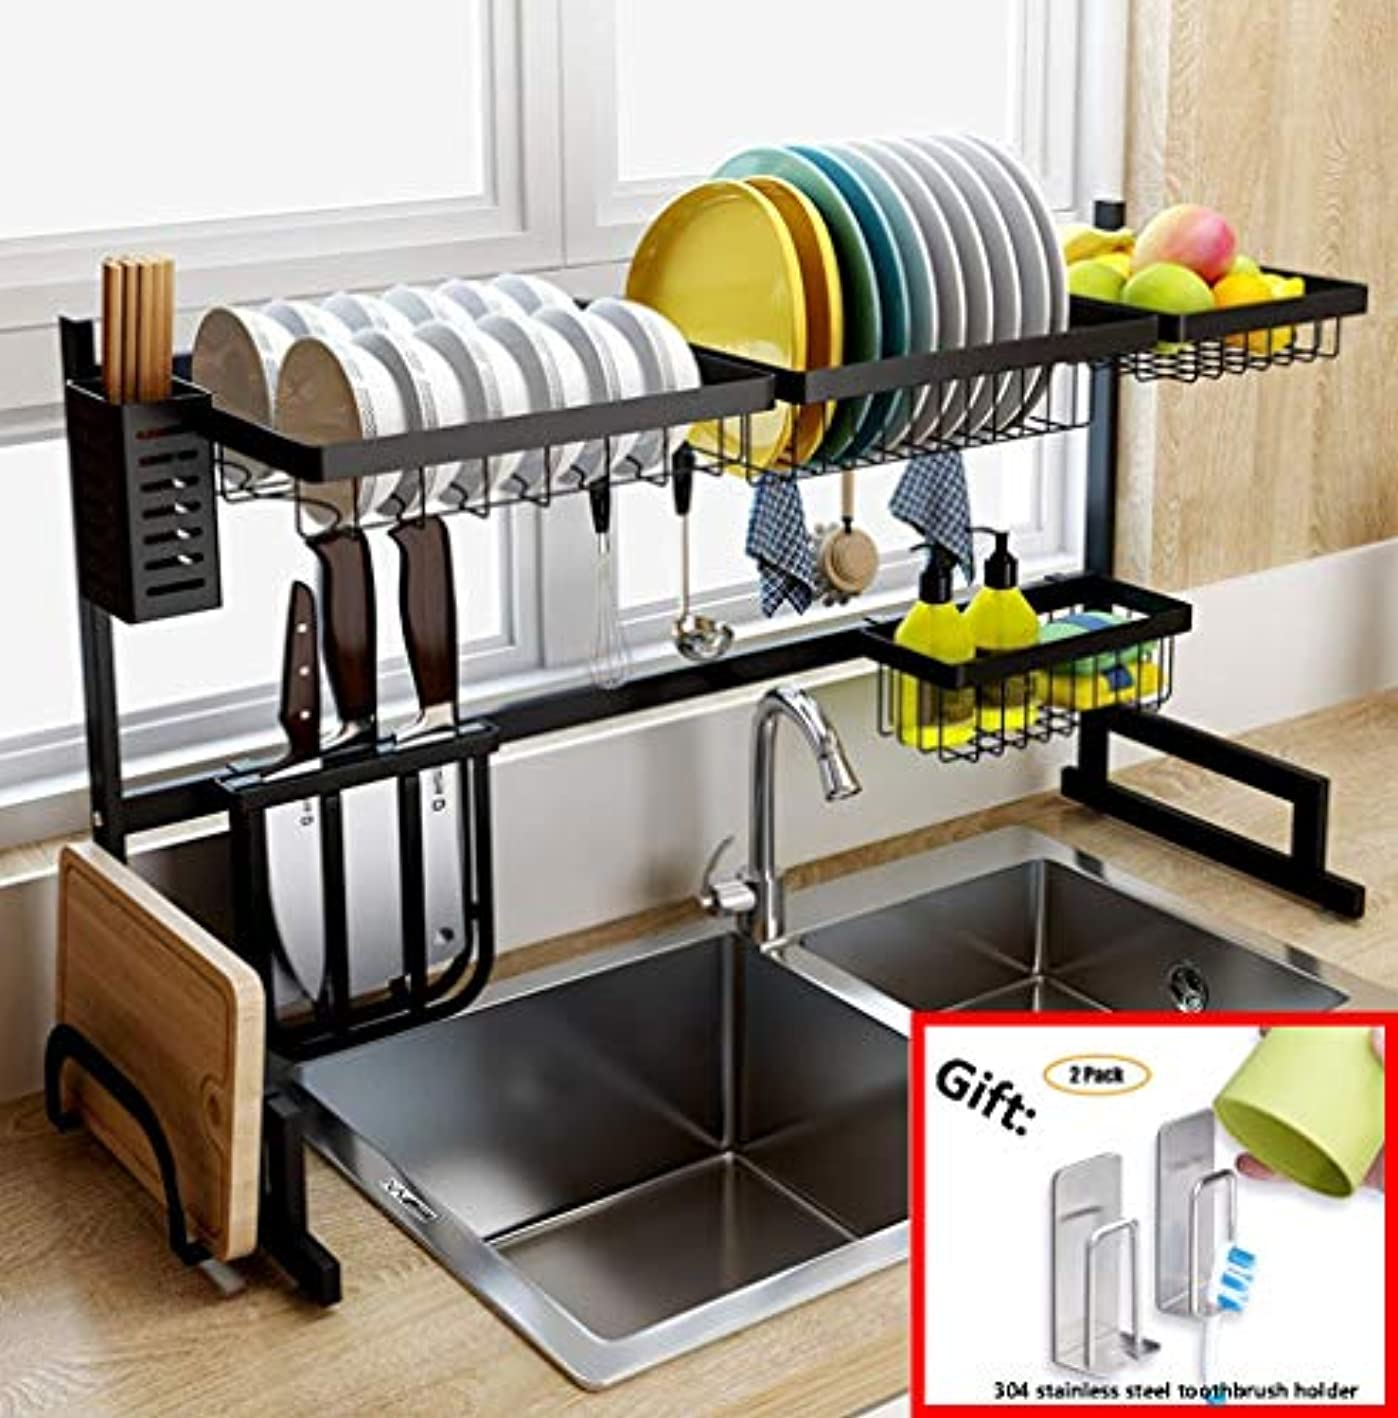 Dish Drainer Rack Holder Black Stainless Steel Kitchen Rack Sink Sink Dish Rack Drain Bowl Rack Dish Rack Kitchen Supplies Storage Rack, 95cm